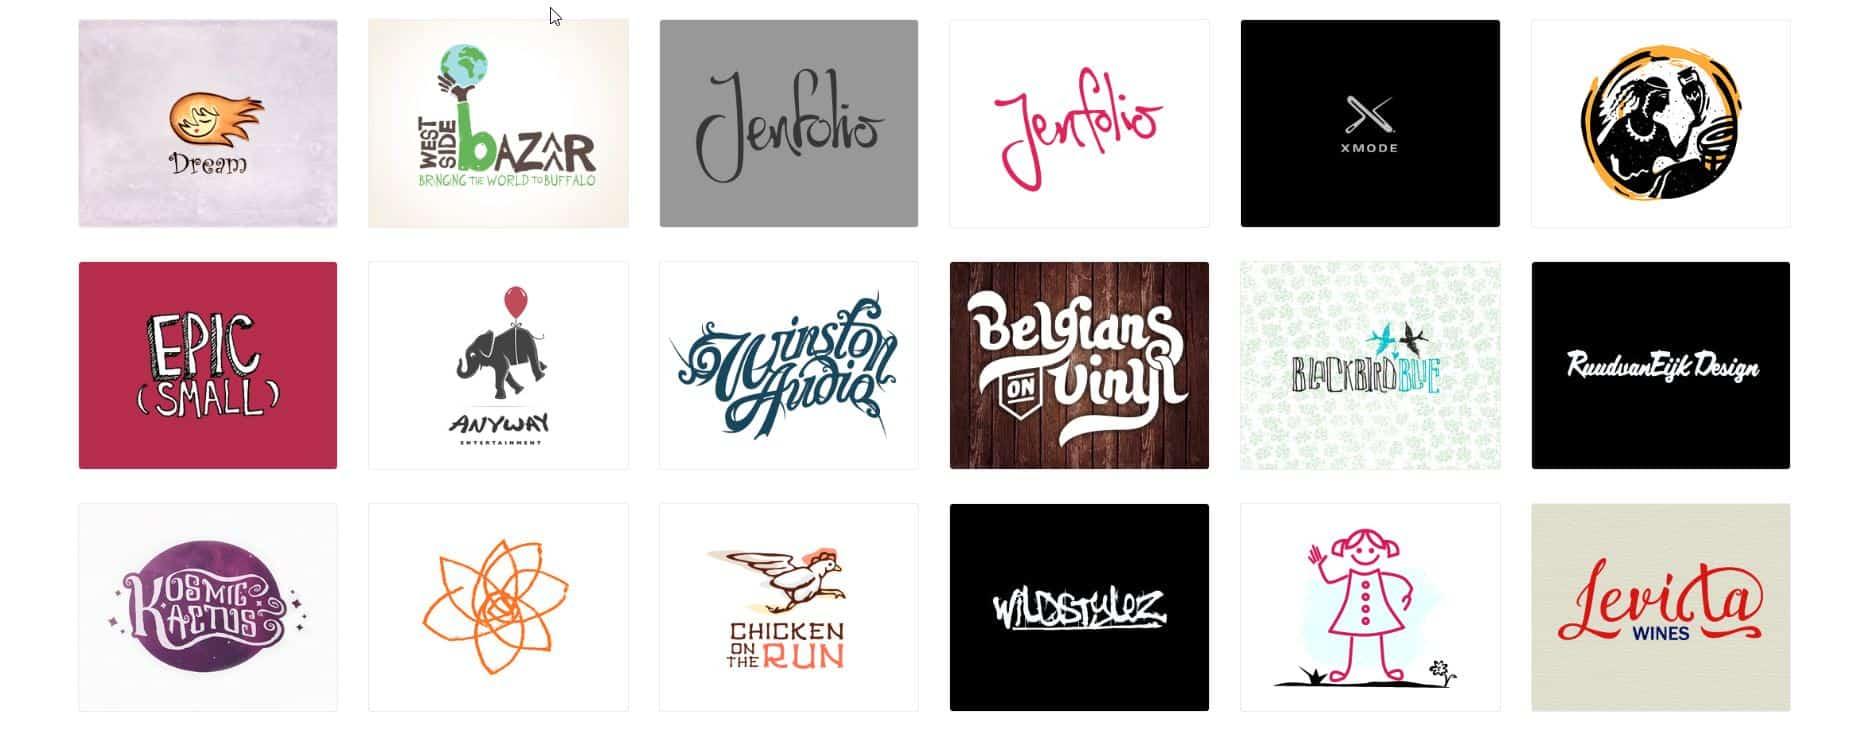 3-Logo-Design-Trends-for-2020-image5